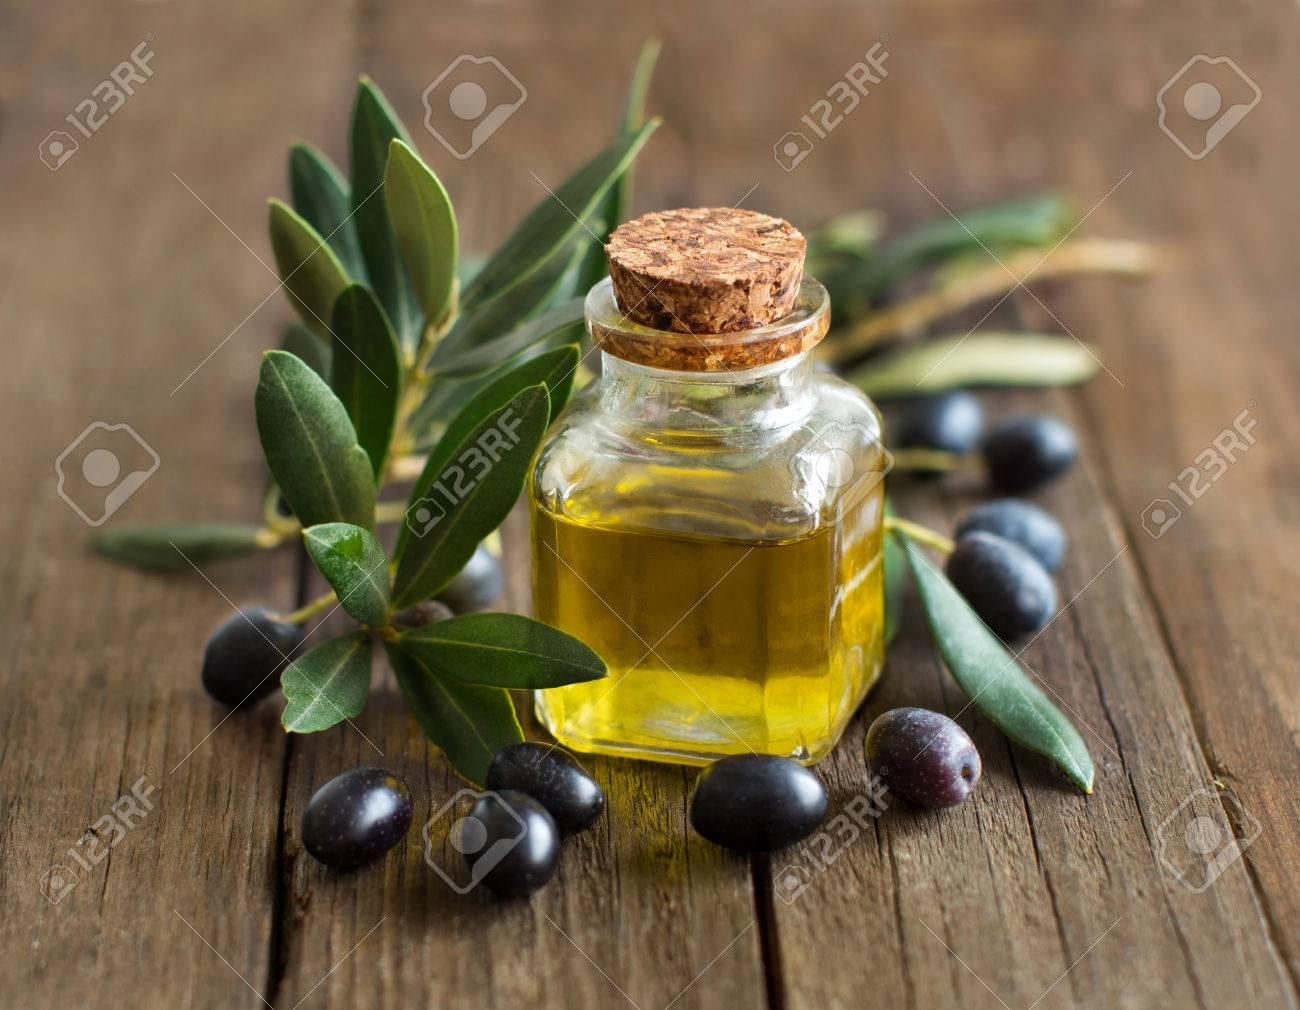 petrolio e fresche oliva olive su sfondo di legno rustico Archivio Fotografico - 47065989